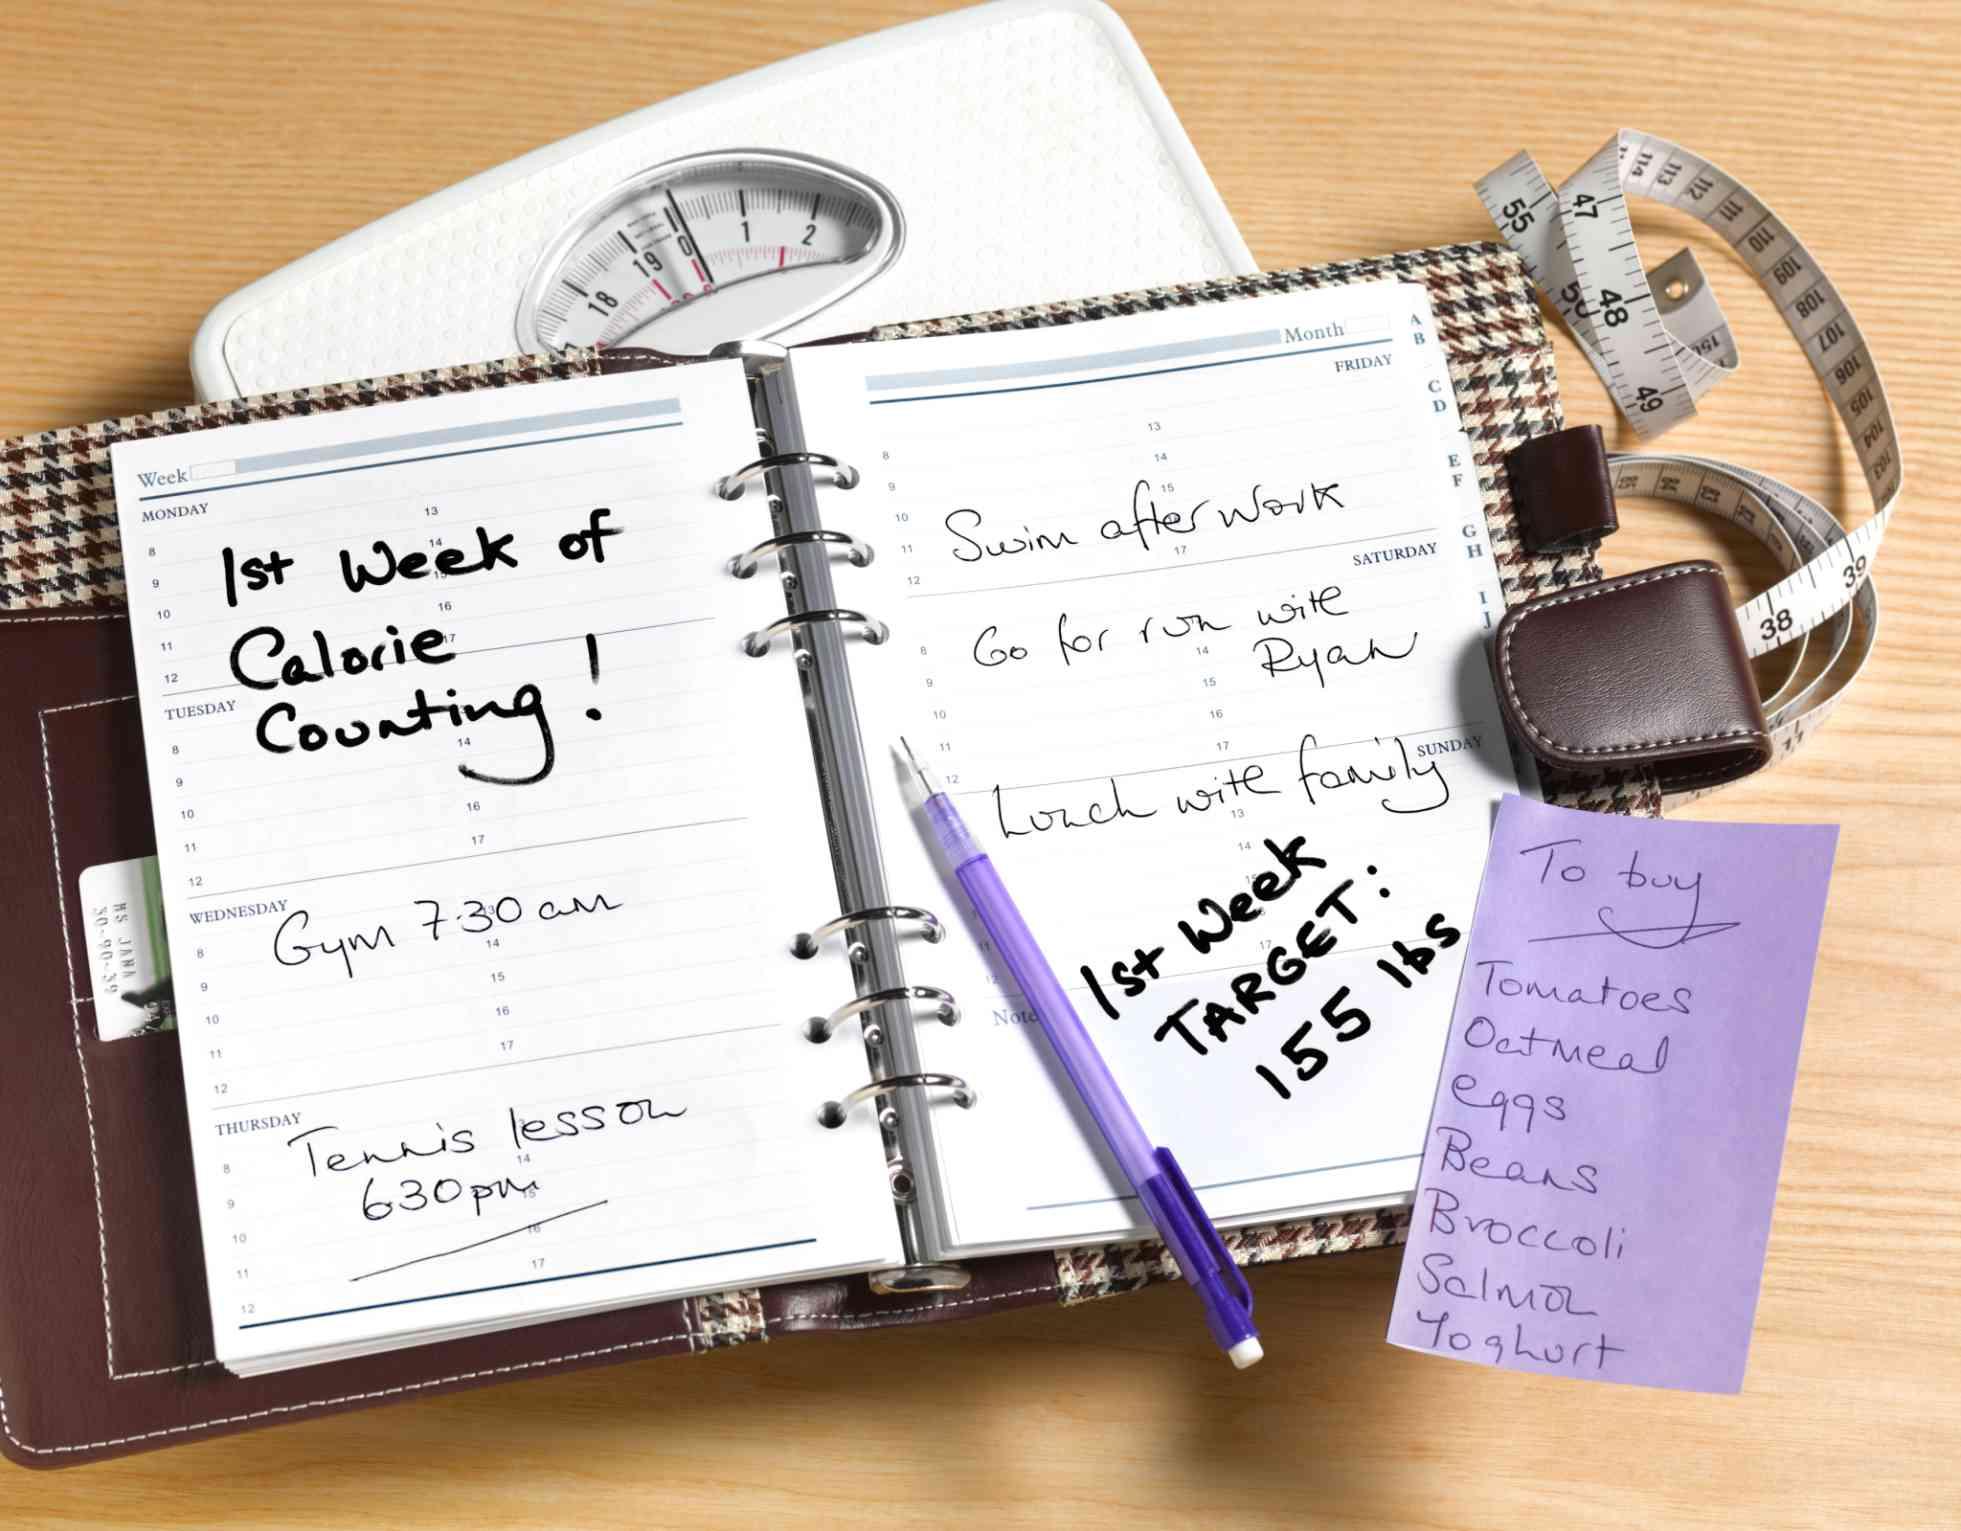 calendar-schedule-list-Peter-Dazeley.jpg